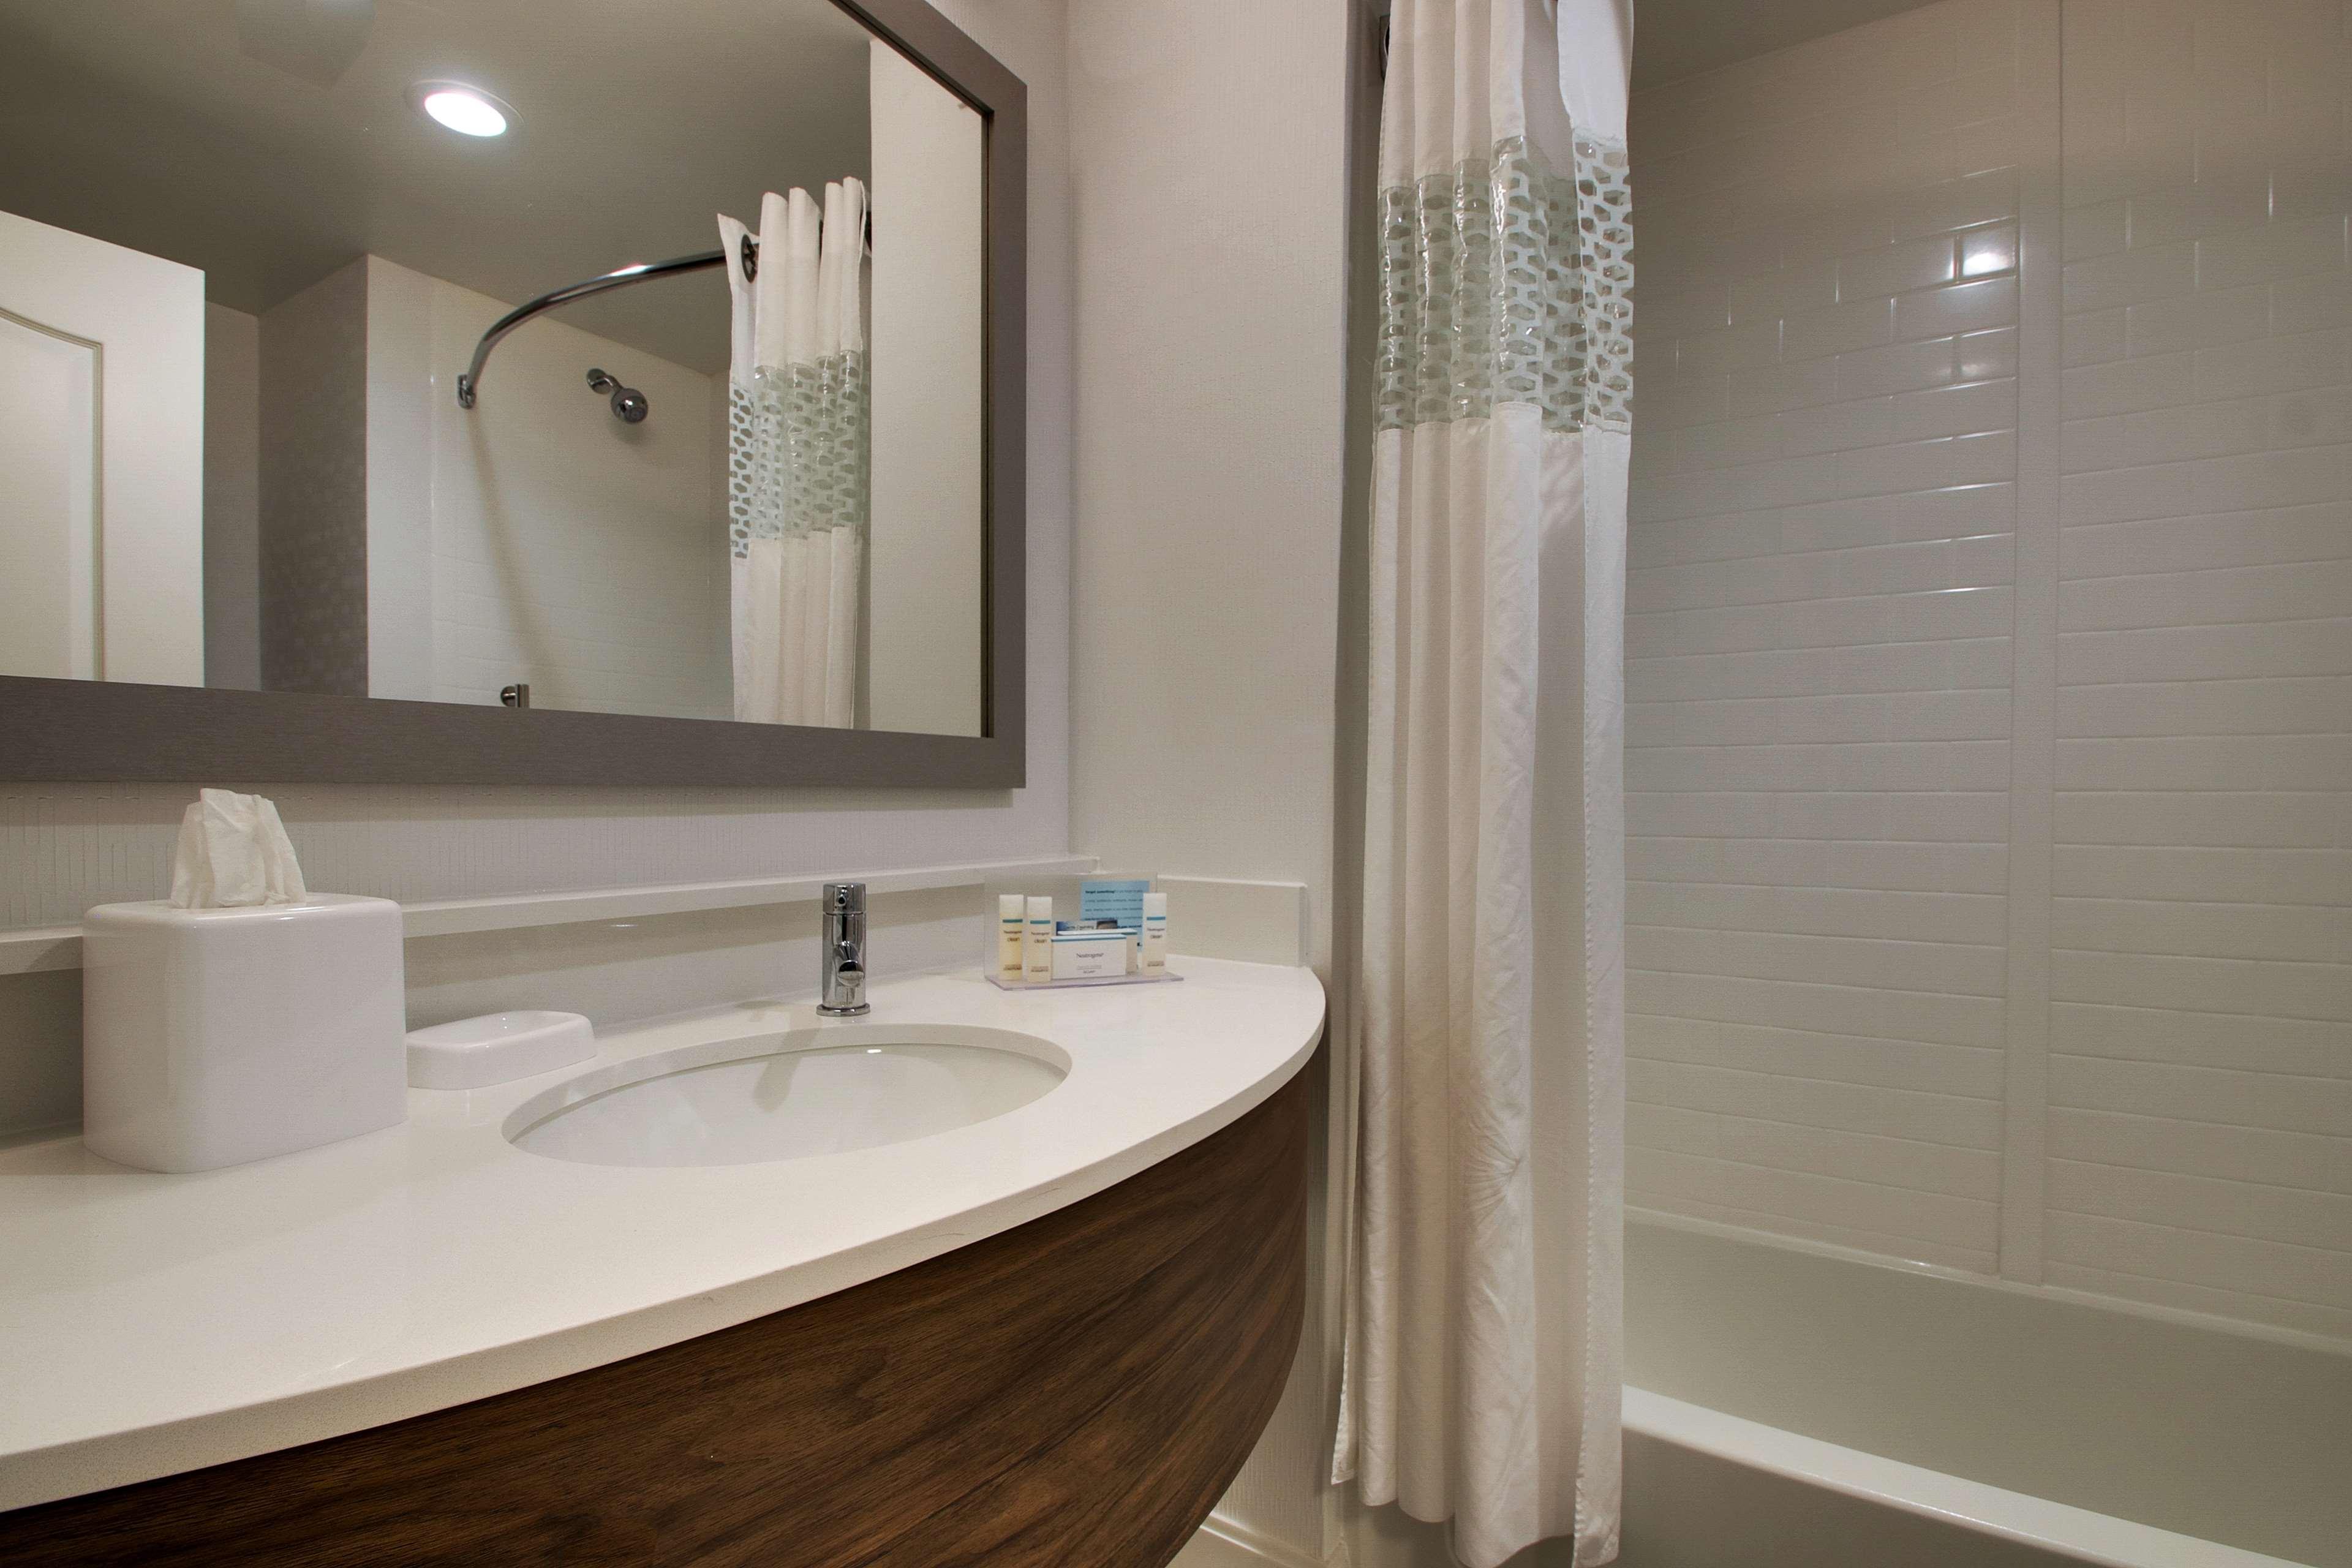 Hampton Inn & Suites Chicago/Aurora image 21